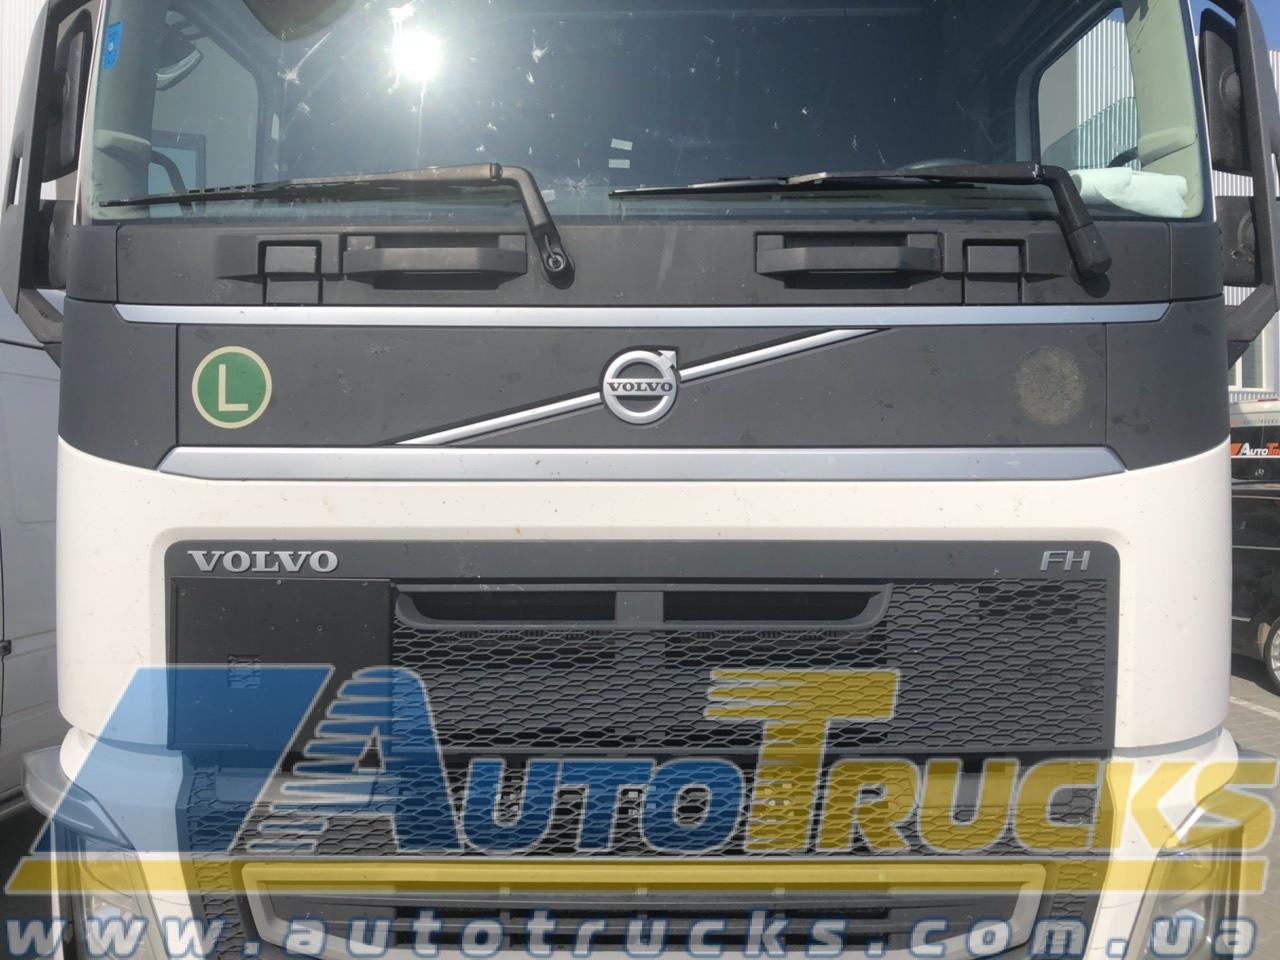 Капот EURO 6 Б/у для VOLVO FH (82154773; 84055530; 82858486; 82858516; 21941702; 84033228)